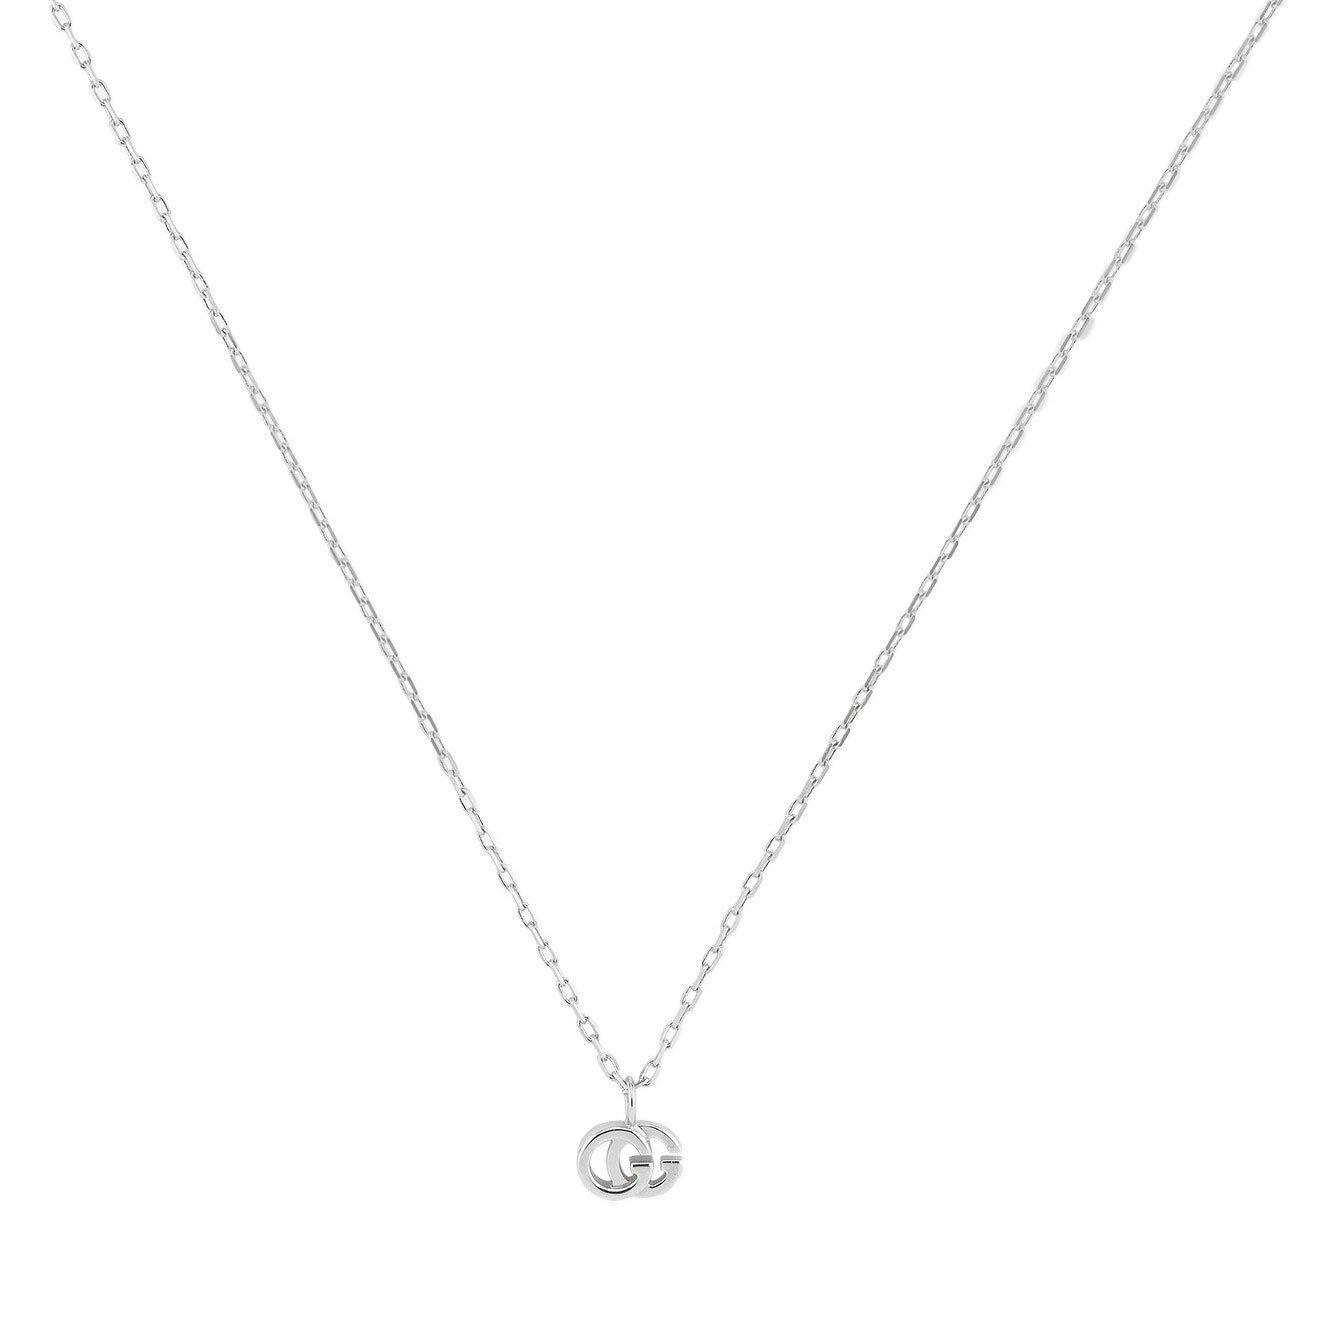 Gucci GG 18ct White Gold Diamond Pendant